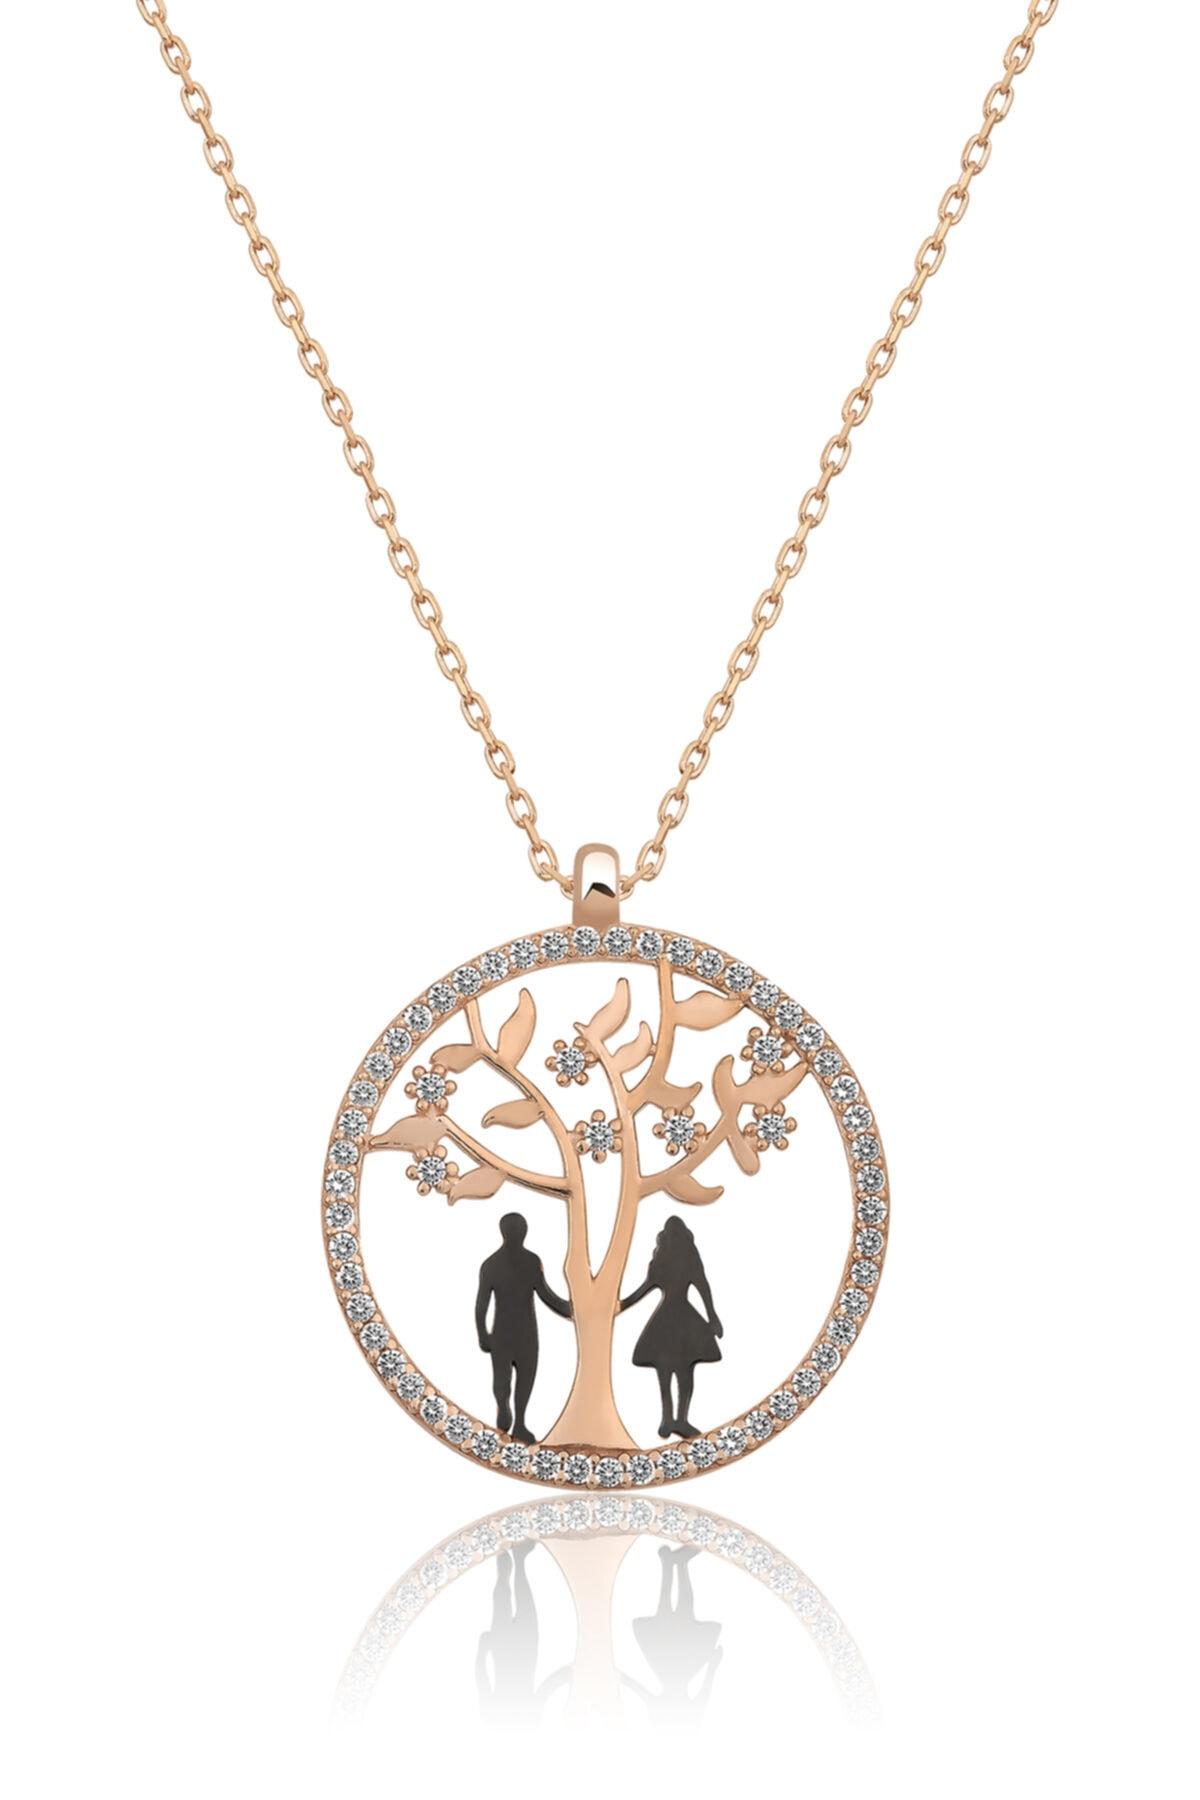 Papatya Silver Hayat Ağacı Sevgili Aşk Kolye Rose Gold Kaplama 925 Ayar Gümüş Uvps100506 1